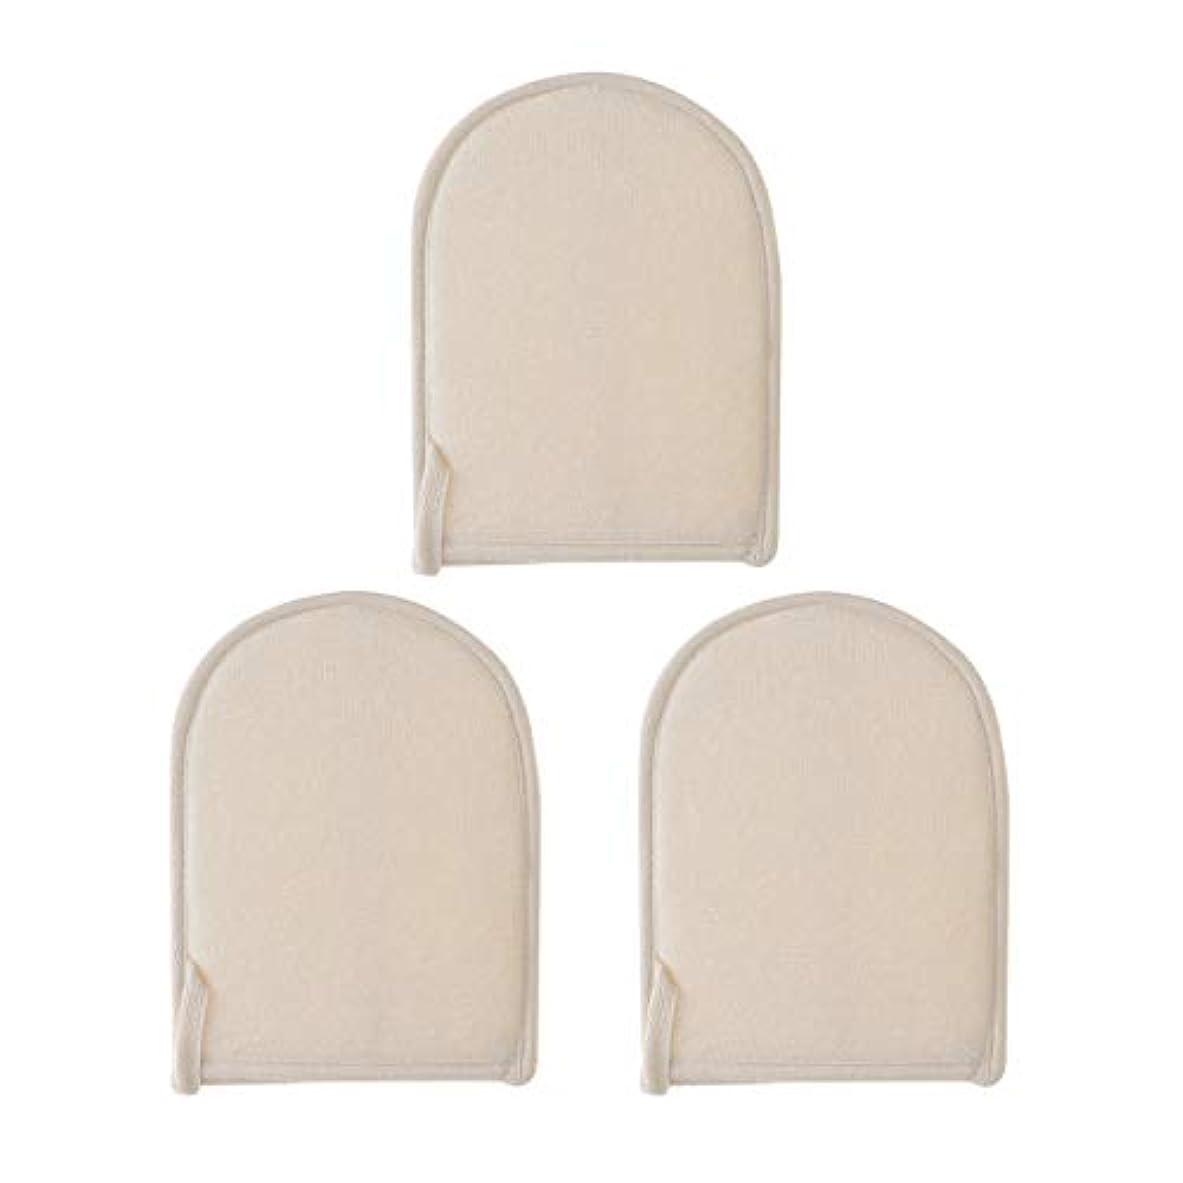 タクシーマンハッタン不規則性Healifty シャワー用手袋Loofah手袋お風呂角質除去スクラバー3本